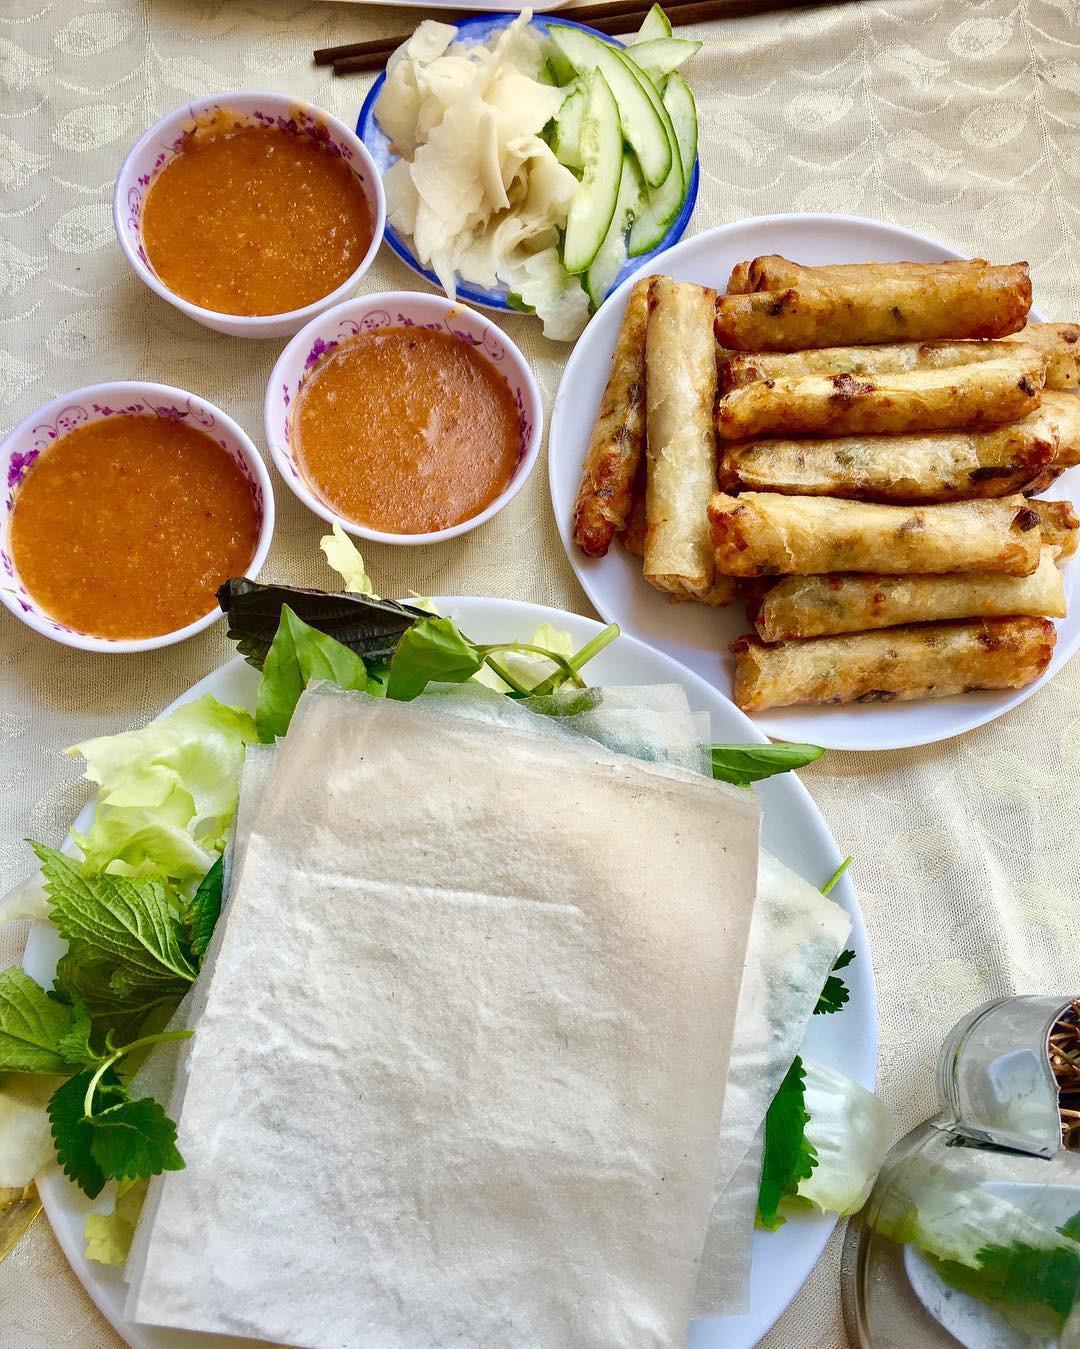 'Ăn sập Đà Lạt' với danh sách món ăn vặt hấp dẫn và hàng loạt quán ăn ngon - Ảnh 9.